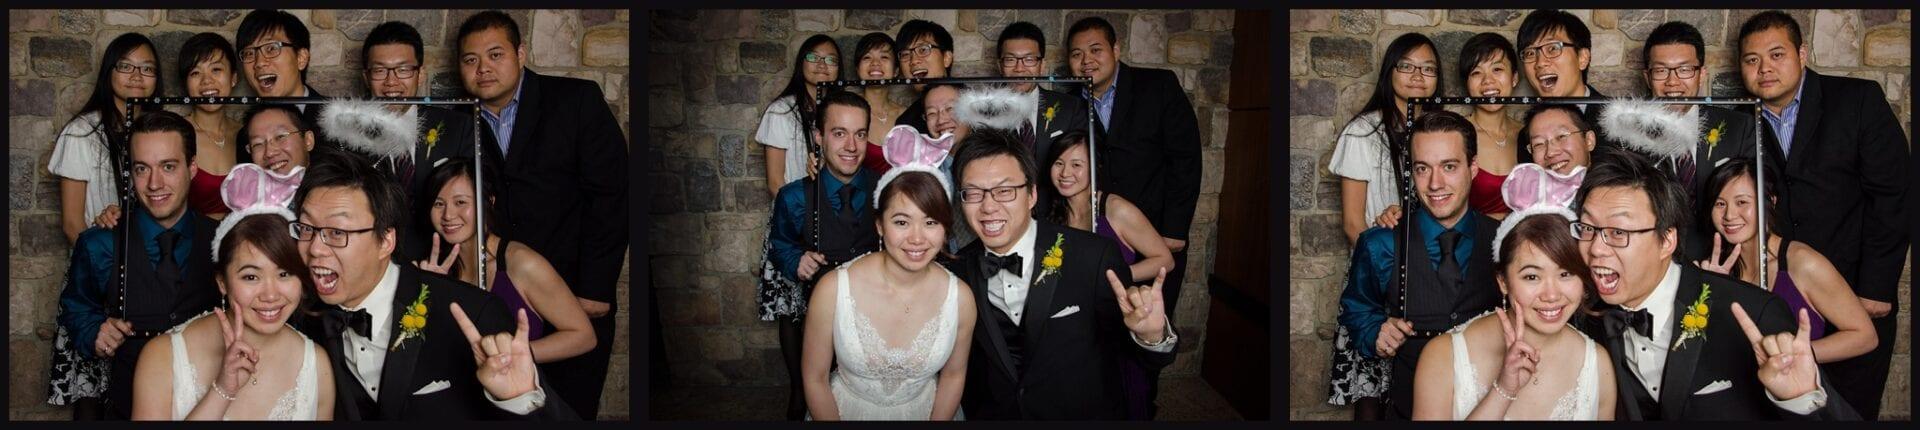 Edmonton-Wedding-photo-booth-Photography-122